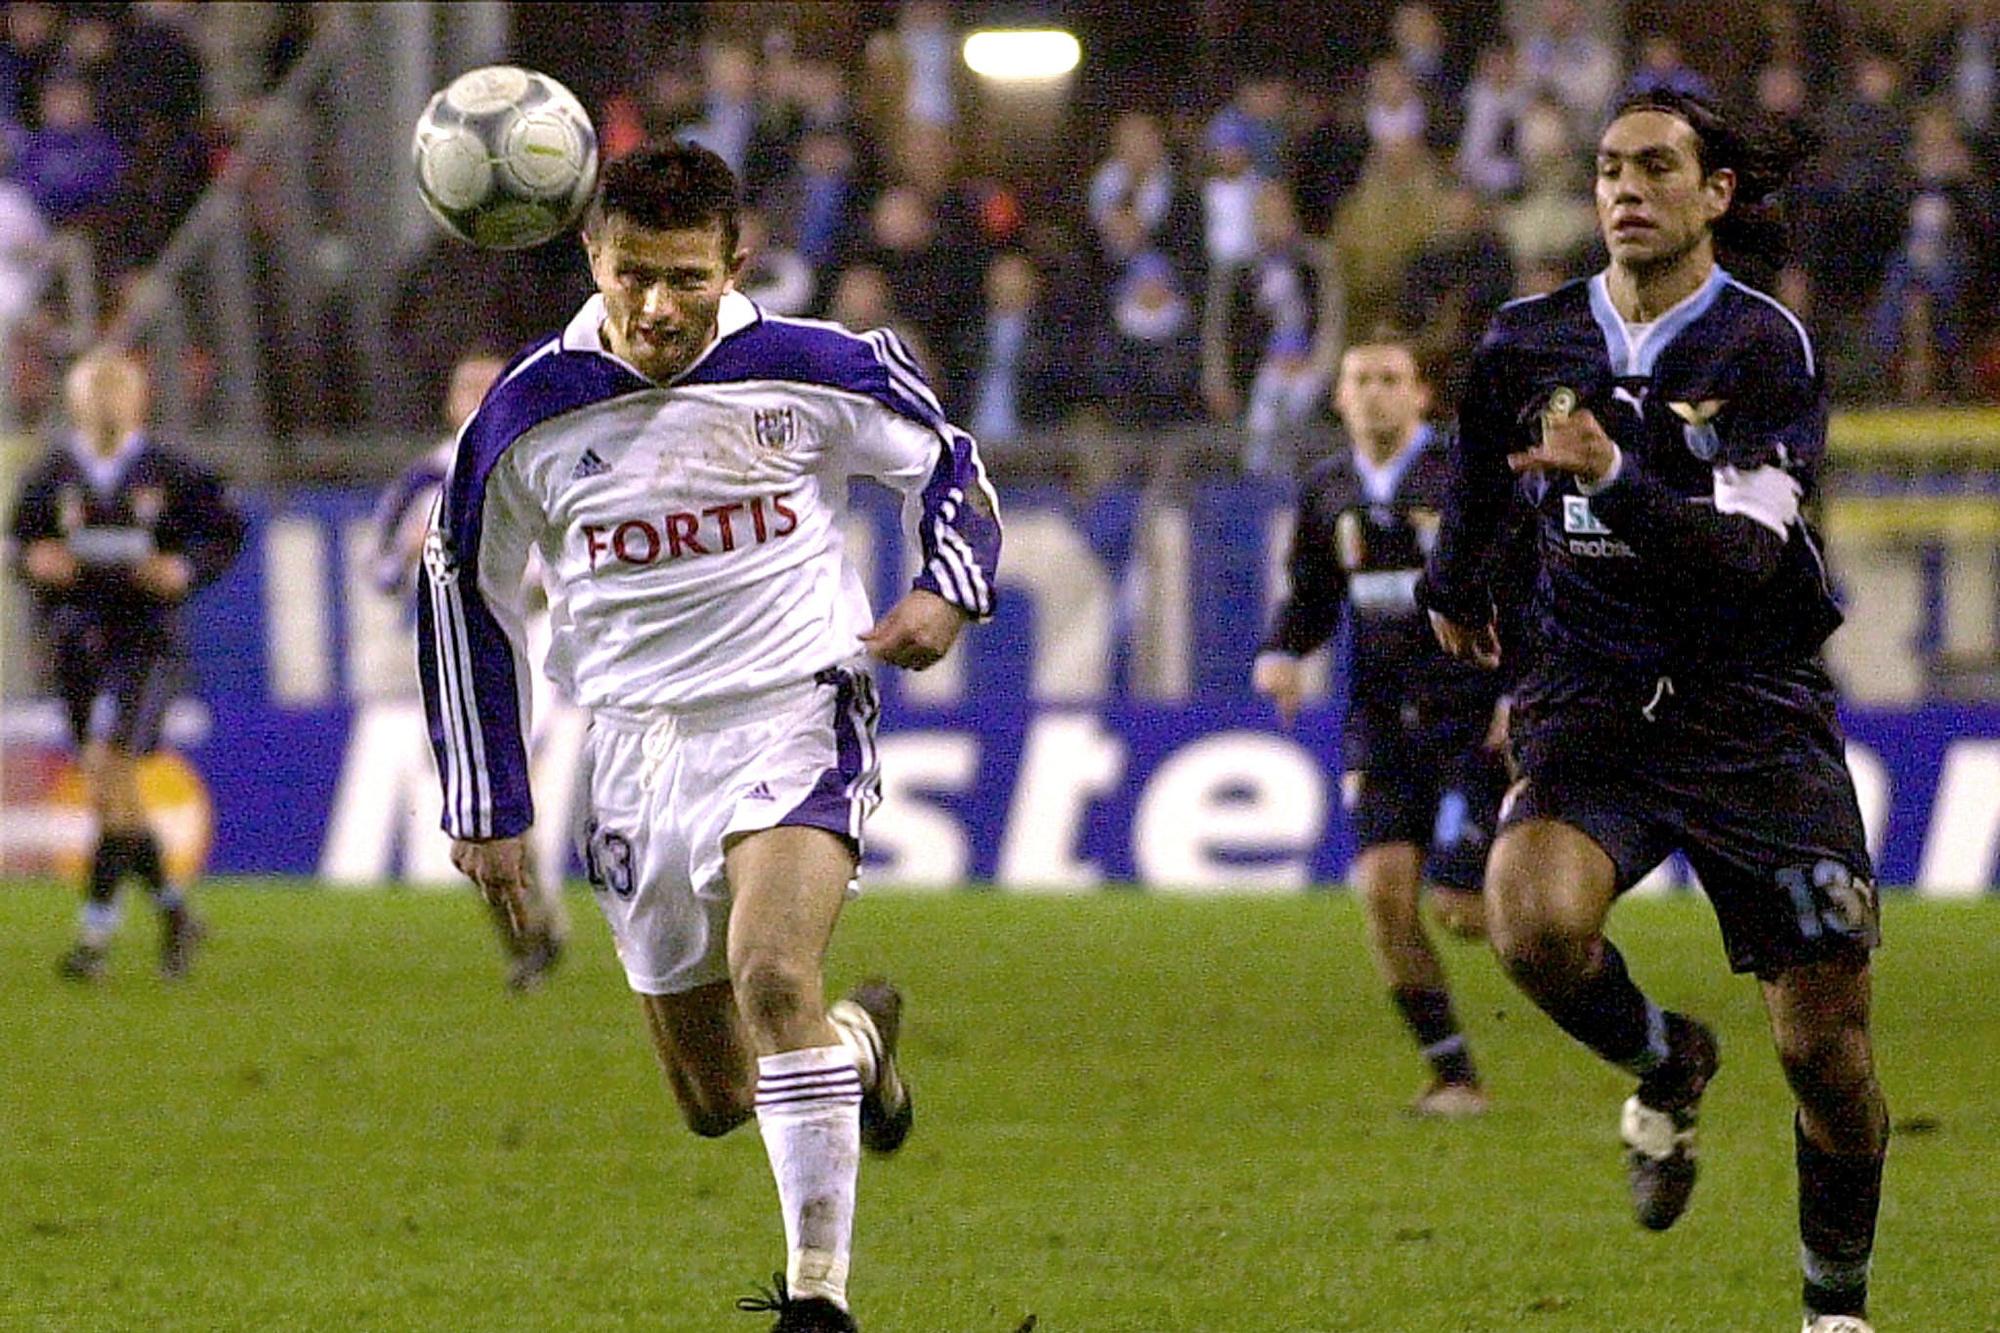 Au printemps 2001, Radzinksi sème le grand Alessandro Nesta en Ligue des Champions., belga